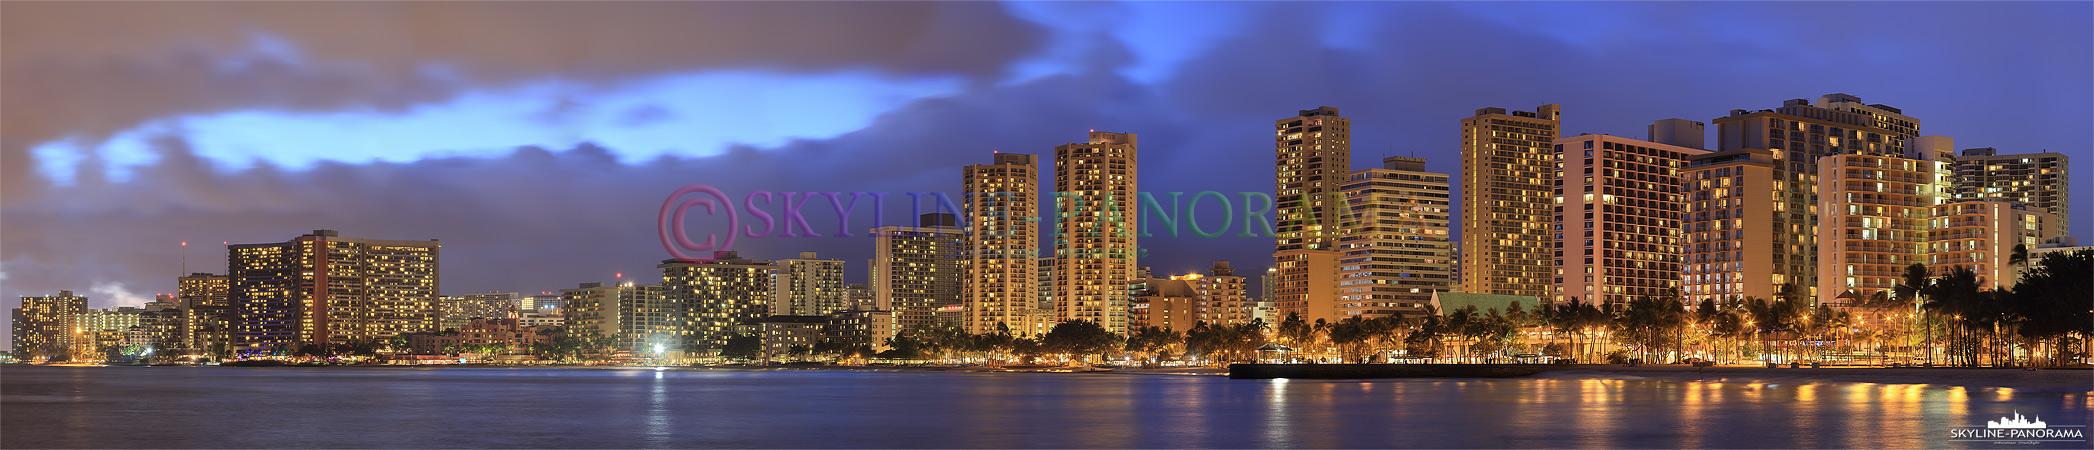 Die Skyline von Honolulu mit zahlreichen Hotels und Hochhäusern im Stadtteil Waikiki - zu sehen ist der Traumstrand mit seiner Promenade als Panorama nach Sonnenuntergang.